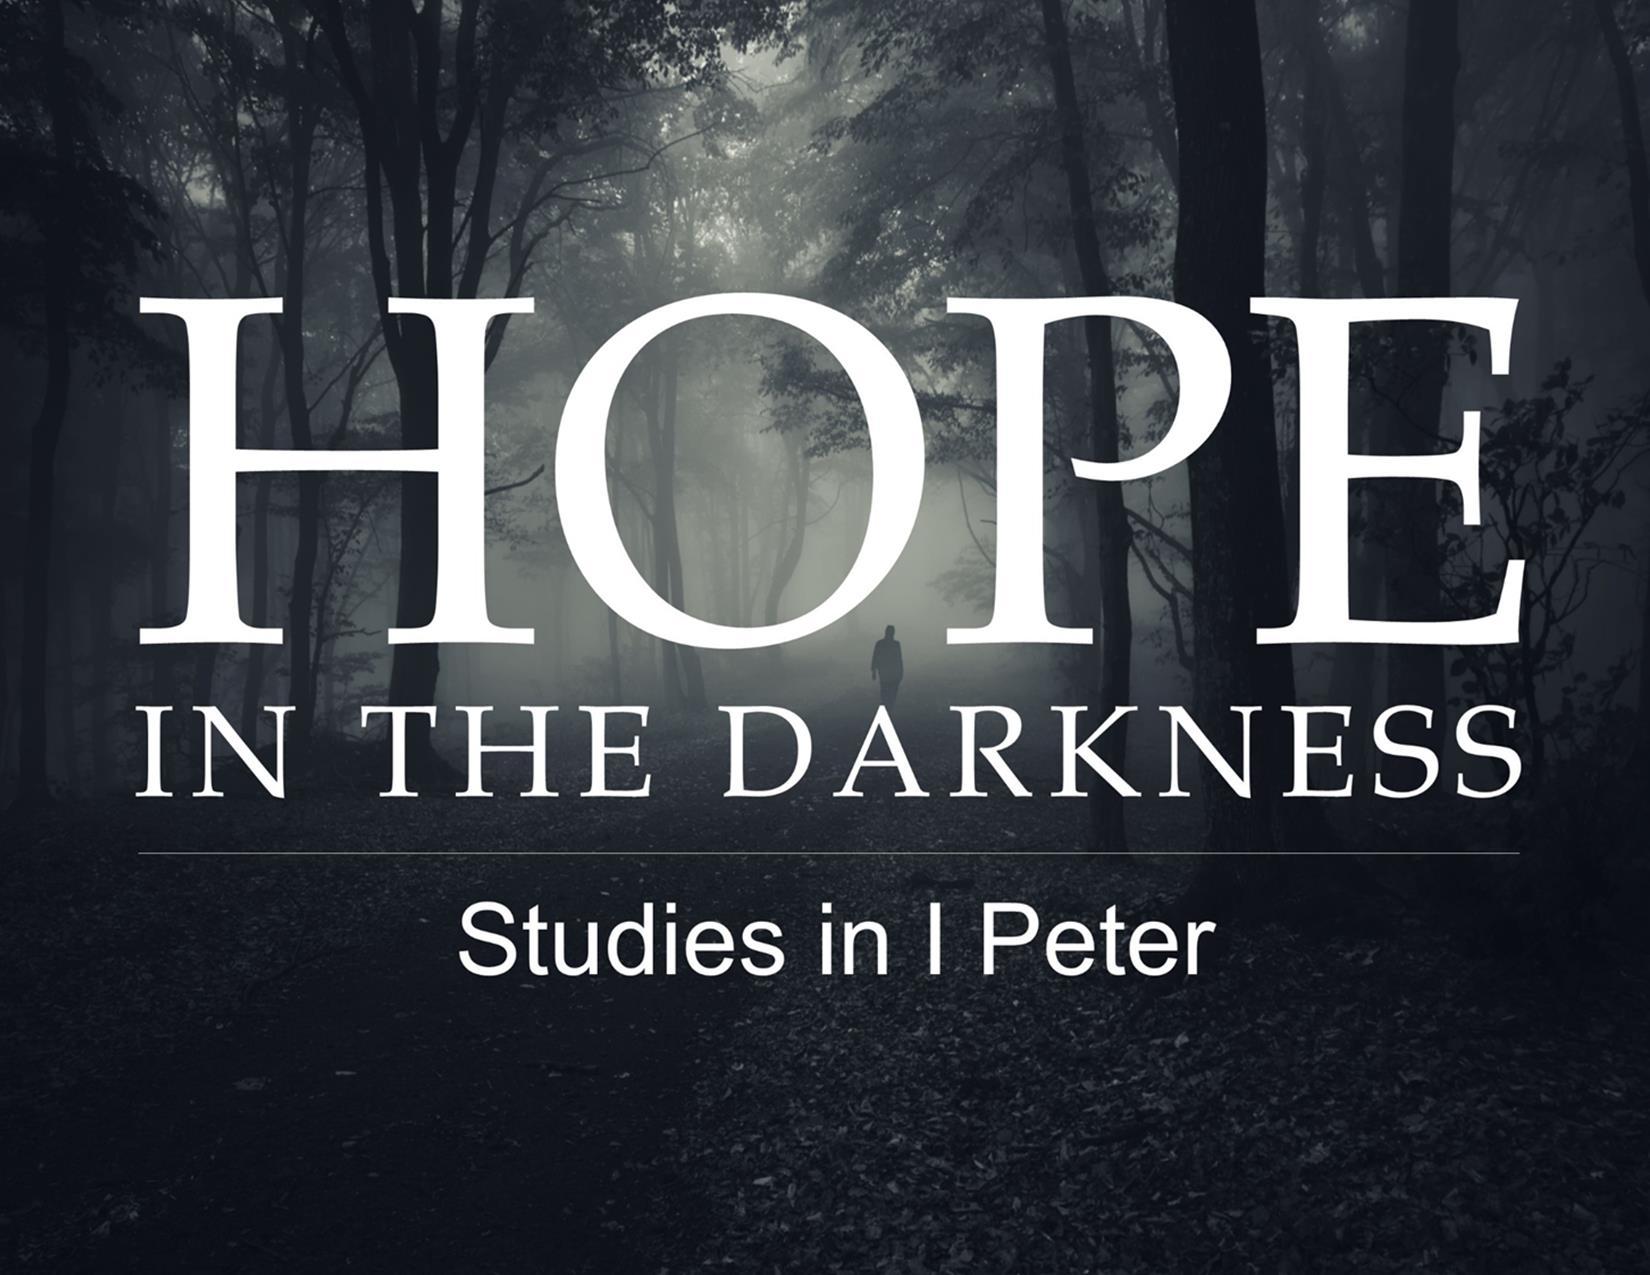 October 2, 2016 ~ Life Between Strangers (1 Peter 4:7-11) ~ Pastor Jason Pilchard